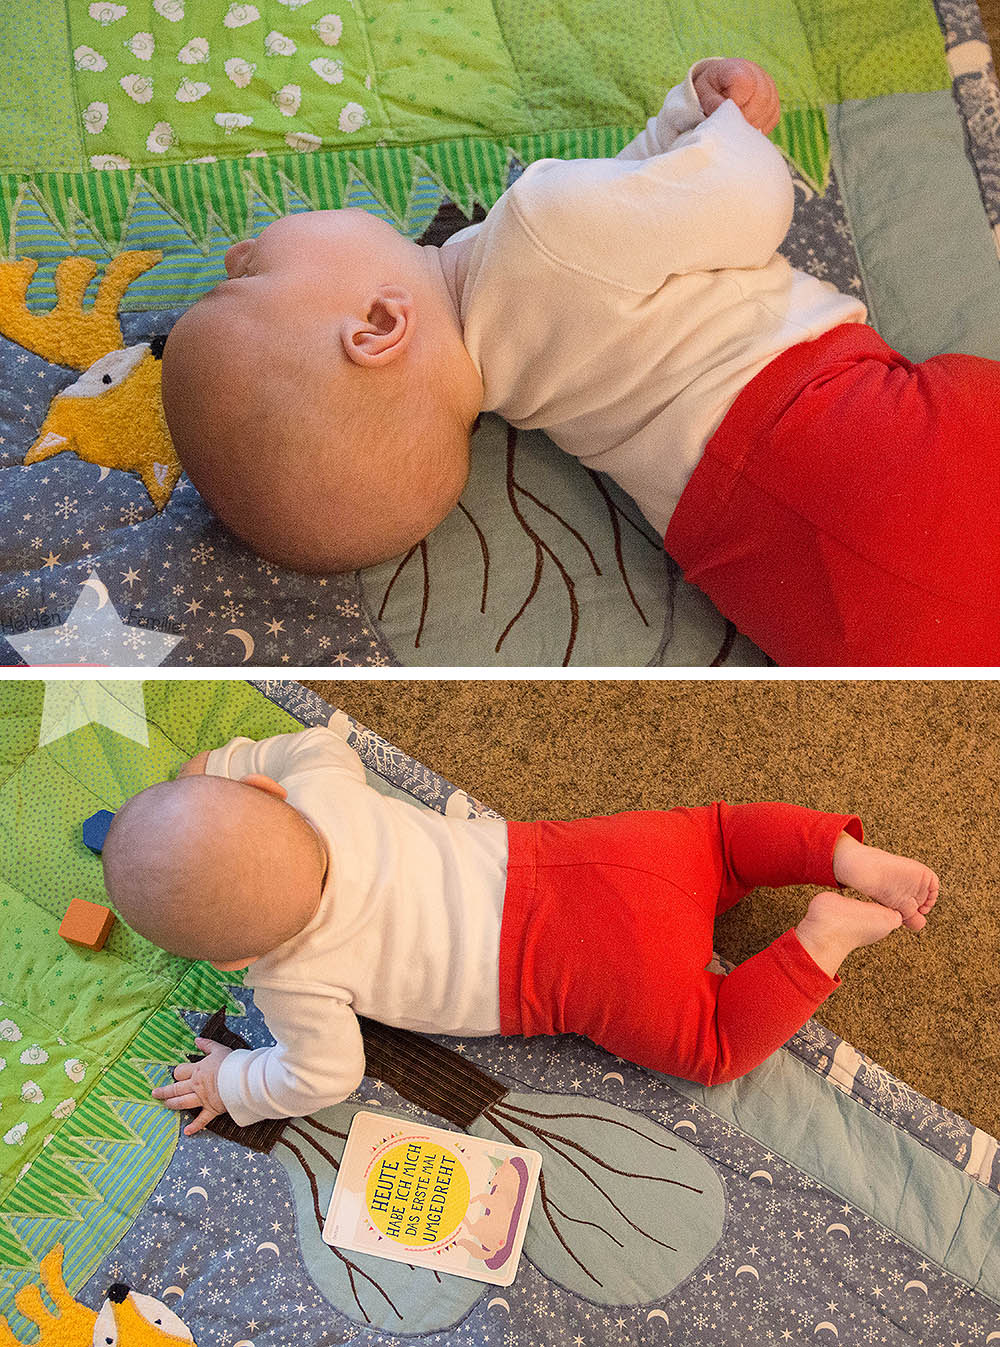 Wochenende in Bildern - Sonne, Garten, Wasserspiele - Baby dreht sich auf den Bauch